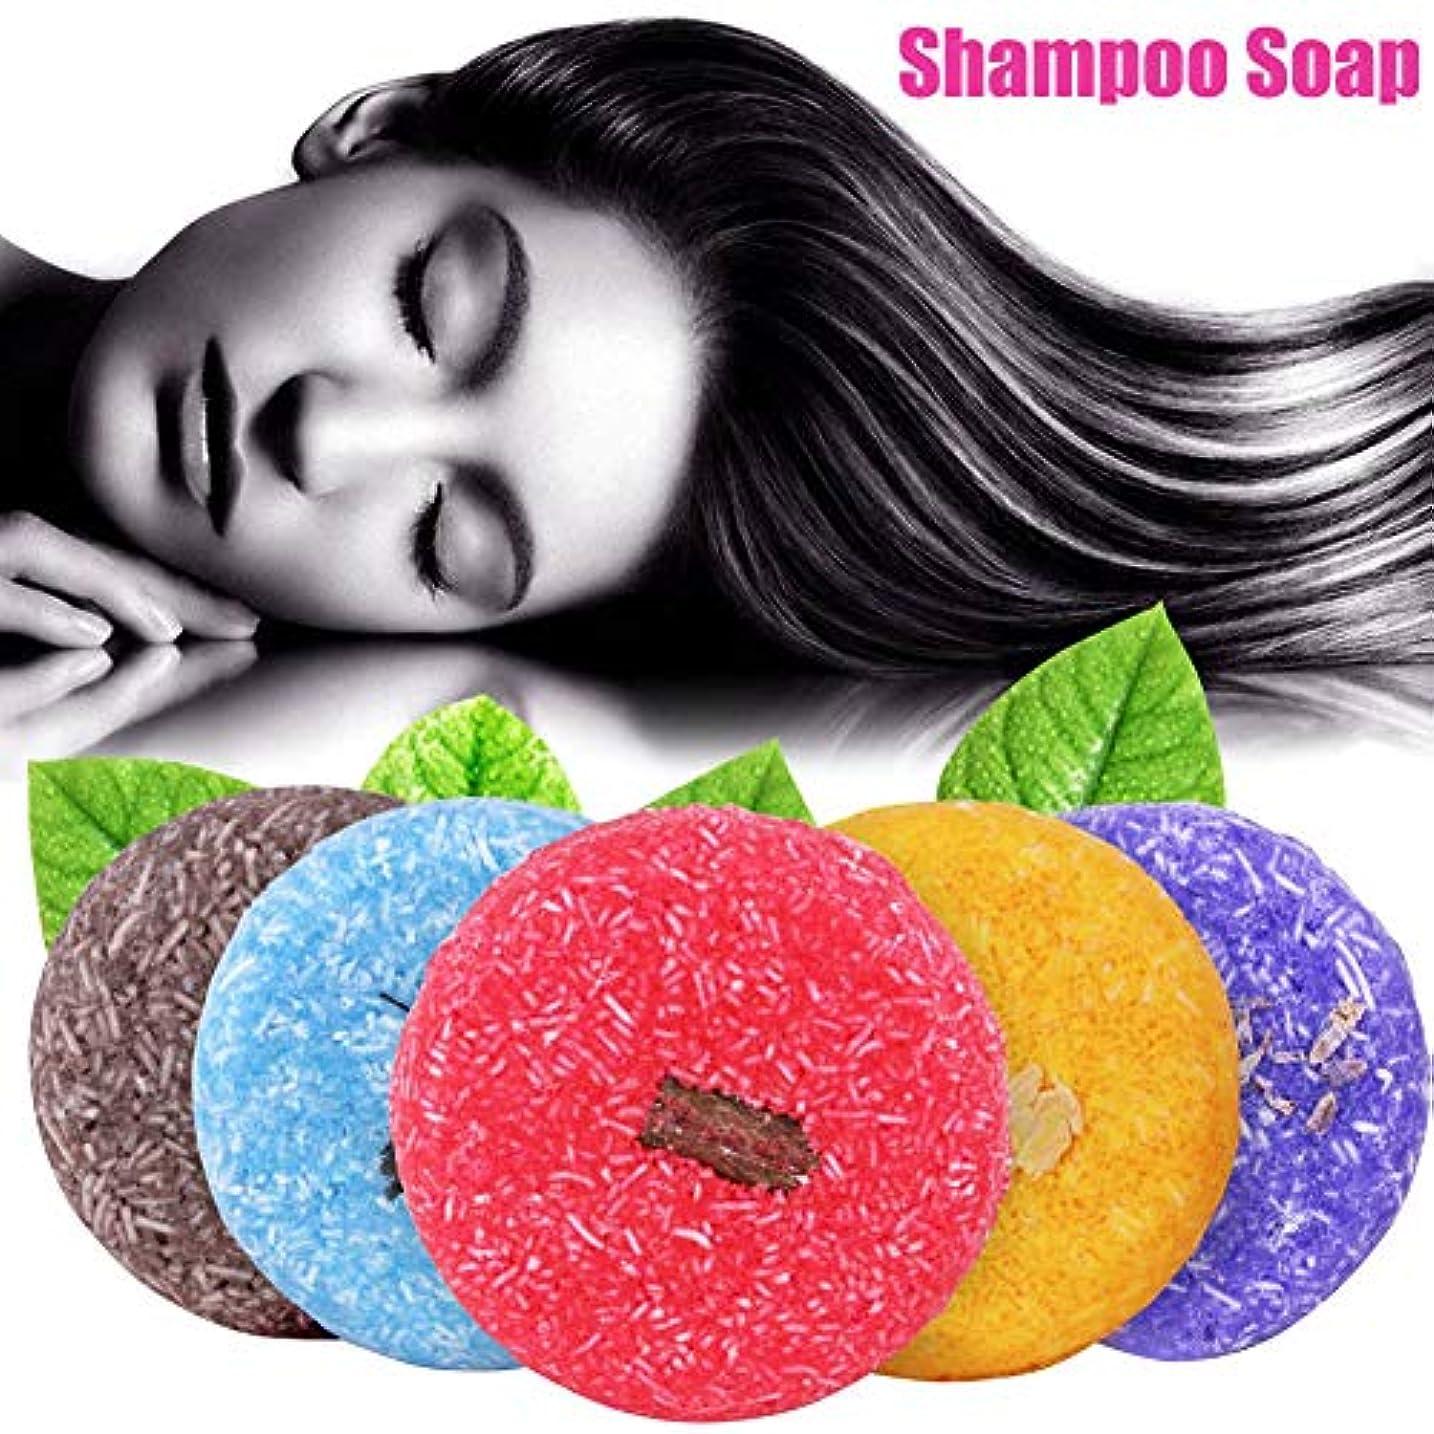 補正あなたは簡略化する石鹸 - Delaman 洗髪石鹸、シャンプー、頭皮ケア、ビューティ、クリームバー、センシティブマイルド、14種類、男女兼用 (Color : #9ローズ(ROSE))